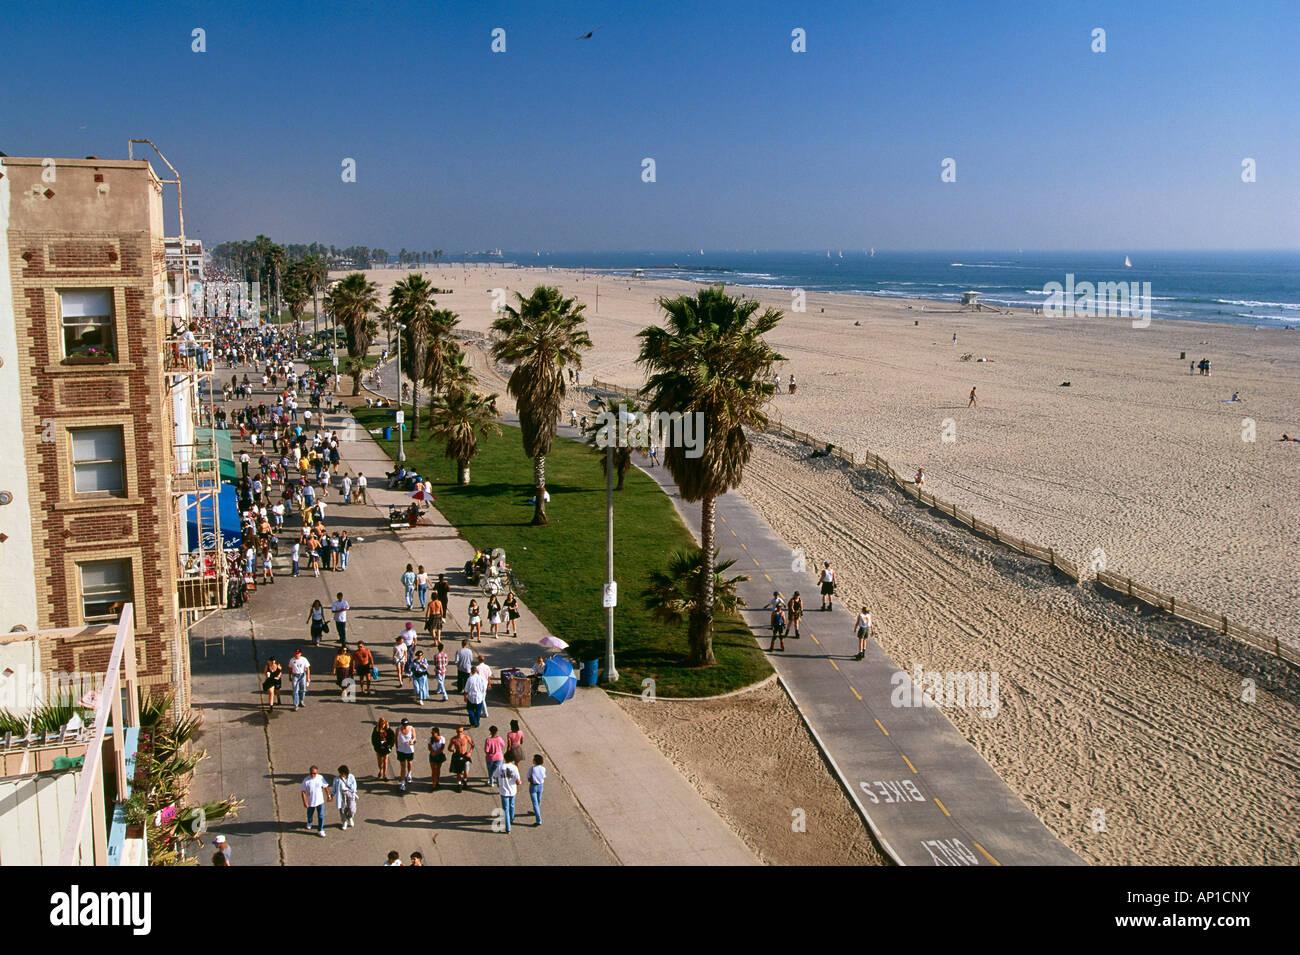 Comp West Newport Beach